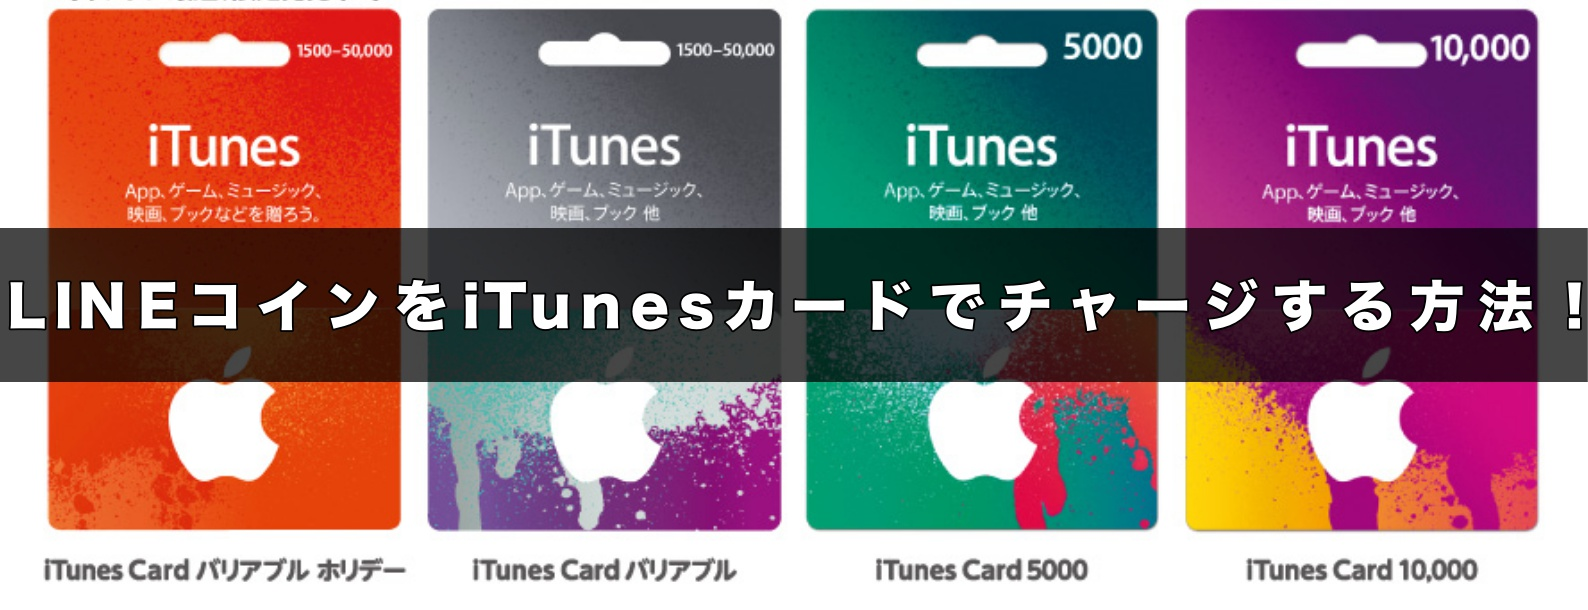 LINEコインをiTunesカードでチャージする方法!【iPhone、iPad】